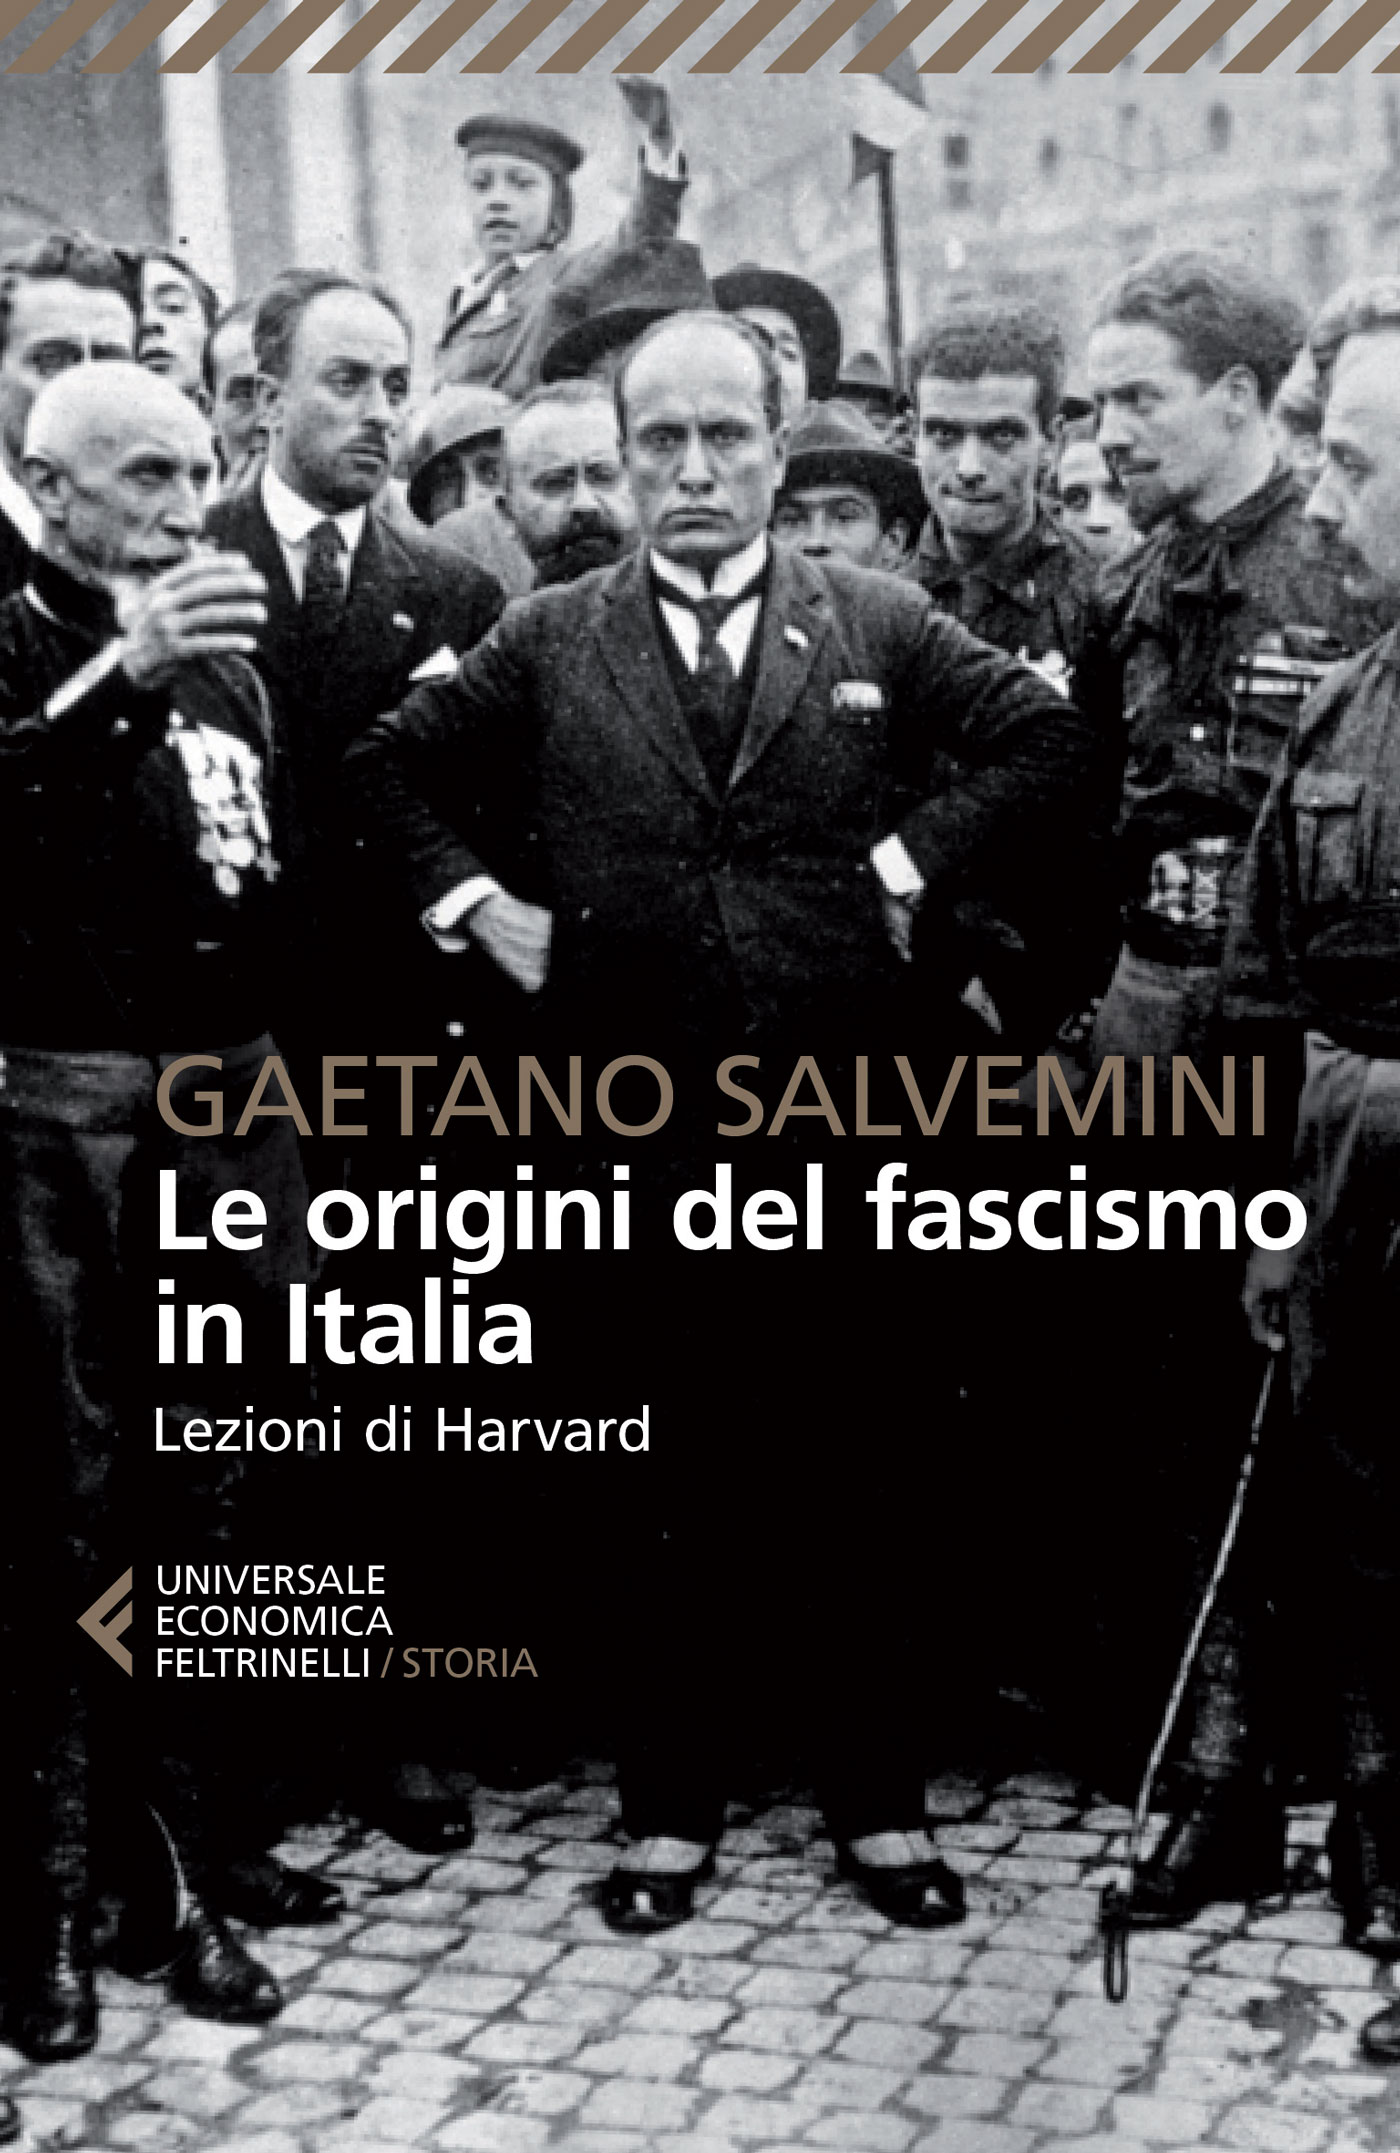 Le origini del fascismo in Italia